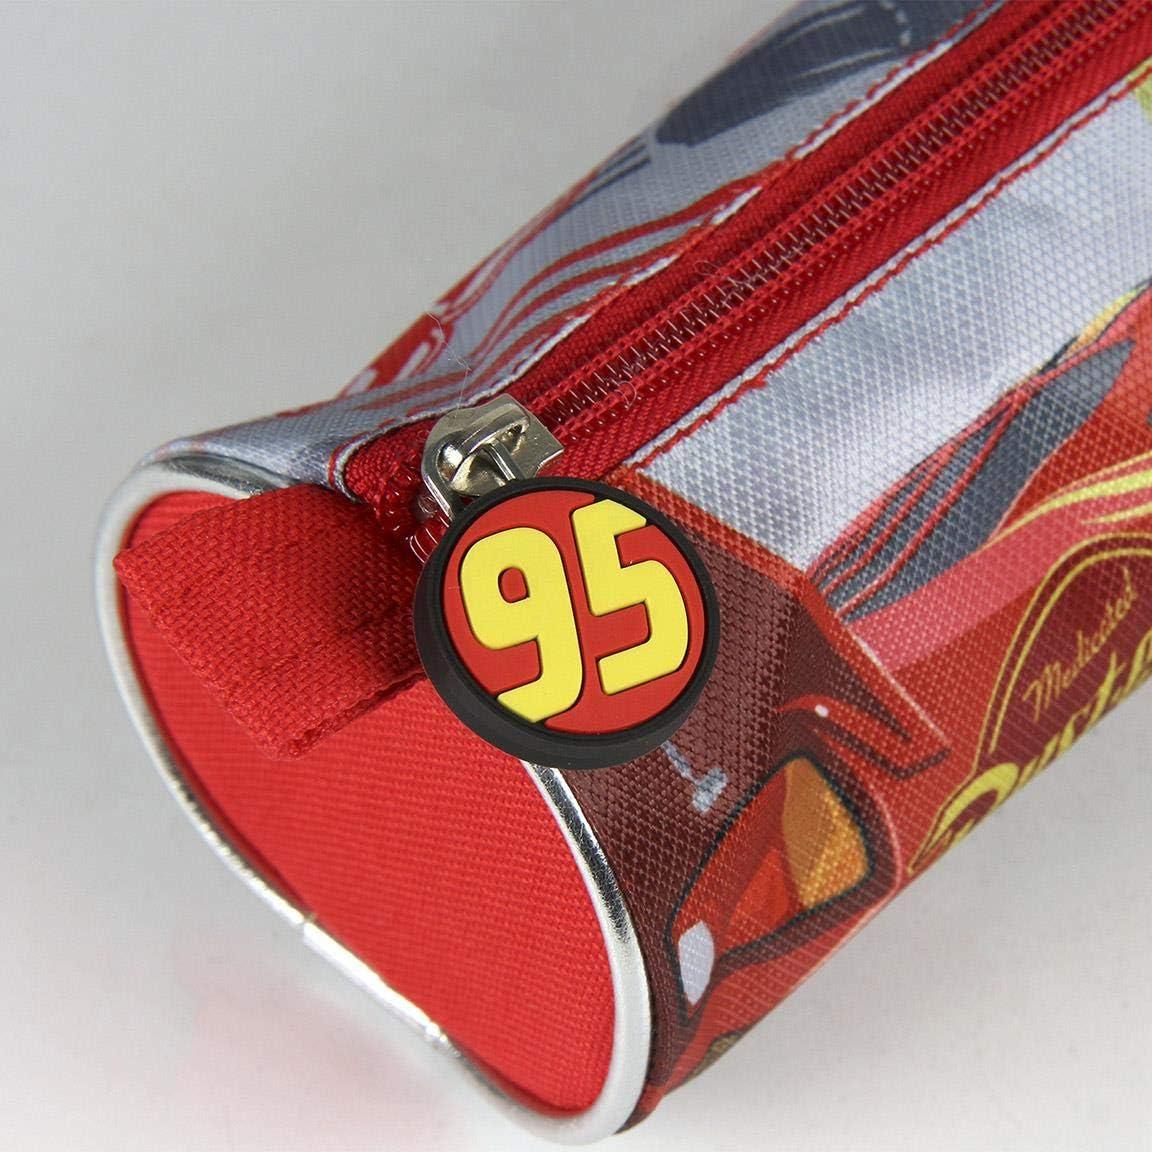 70 cm Cerd/á Cars Trousse de Toilette Rojo Rouge